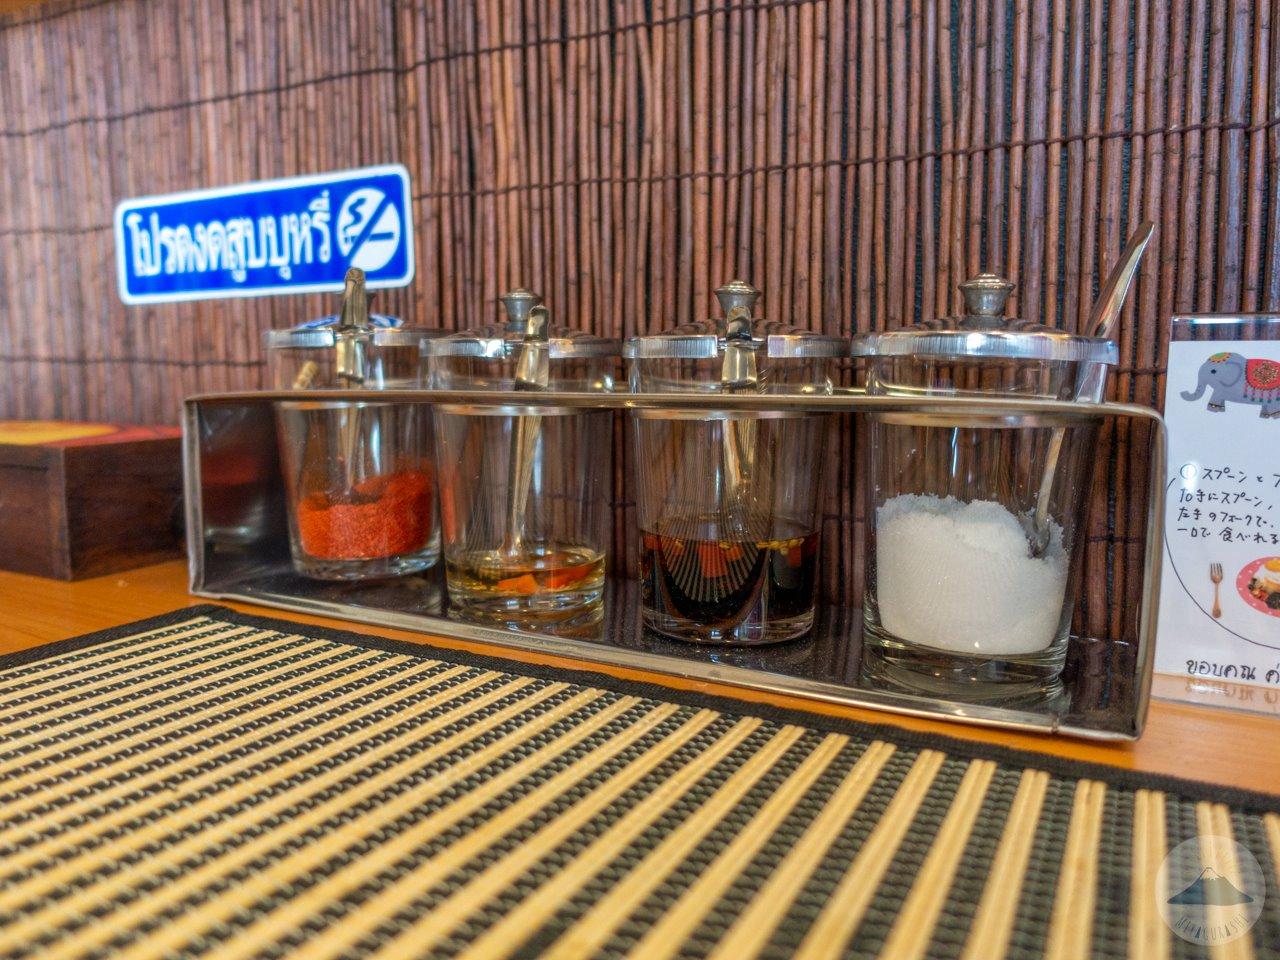 タイ屋台料理ユキズキッチンの調味料